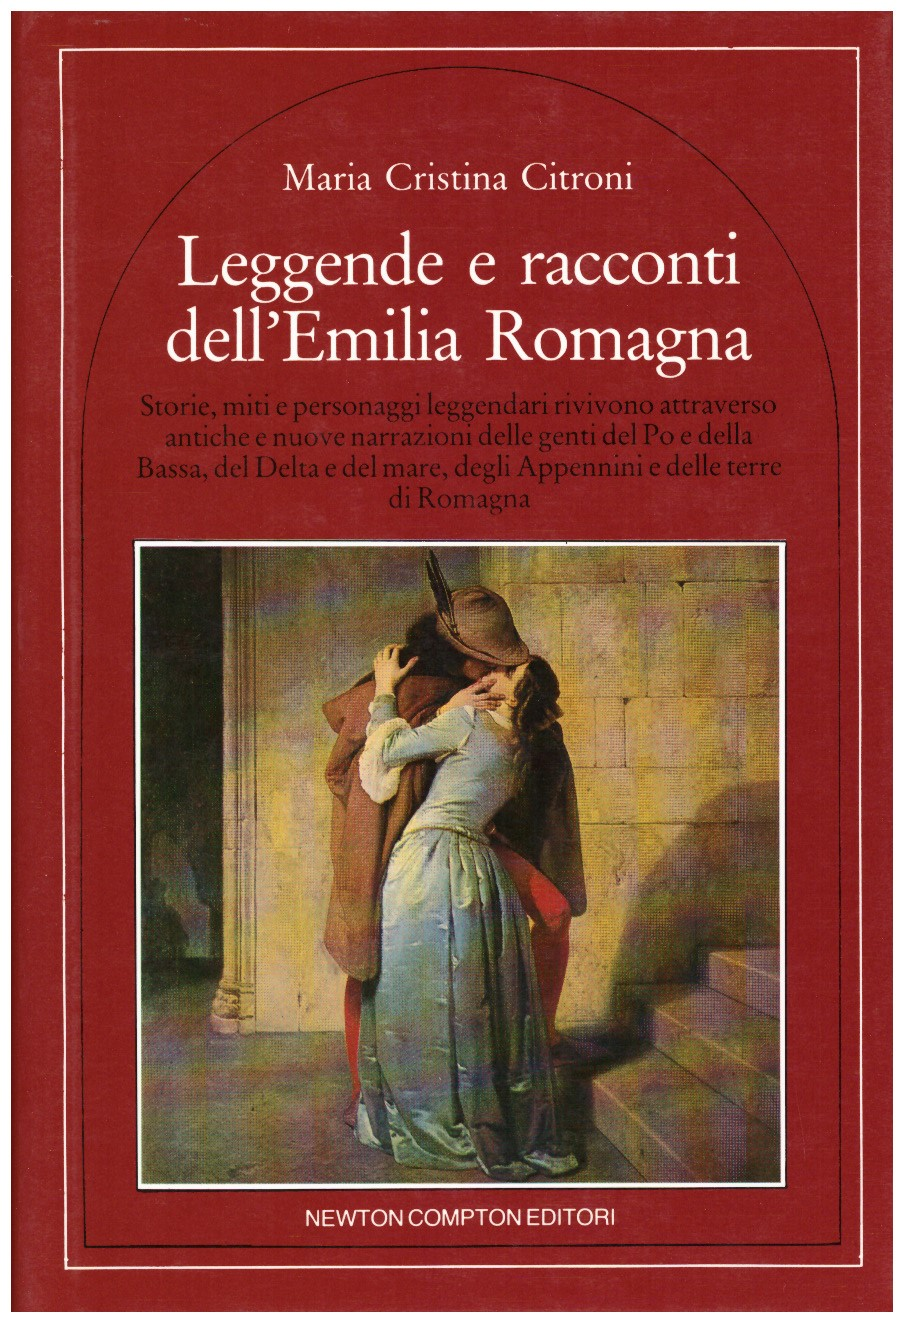 Leggende e racconti dell'Emilia Romagna